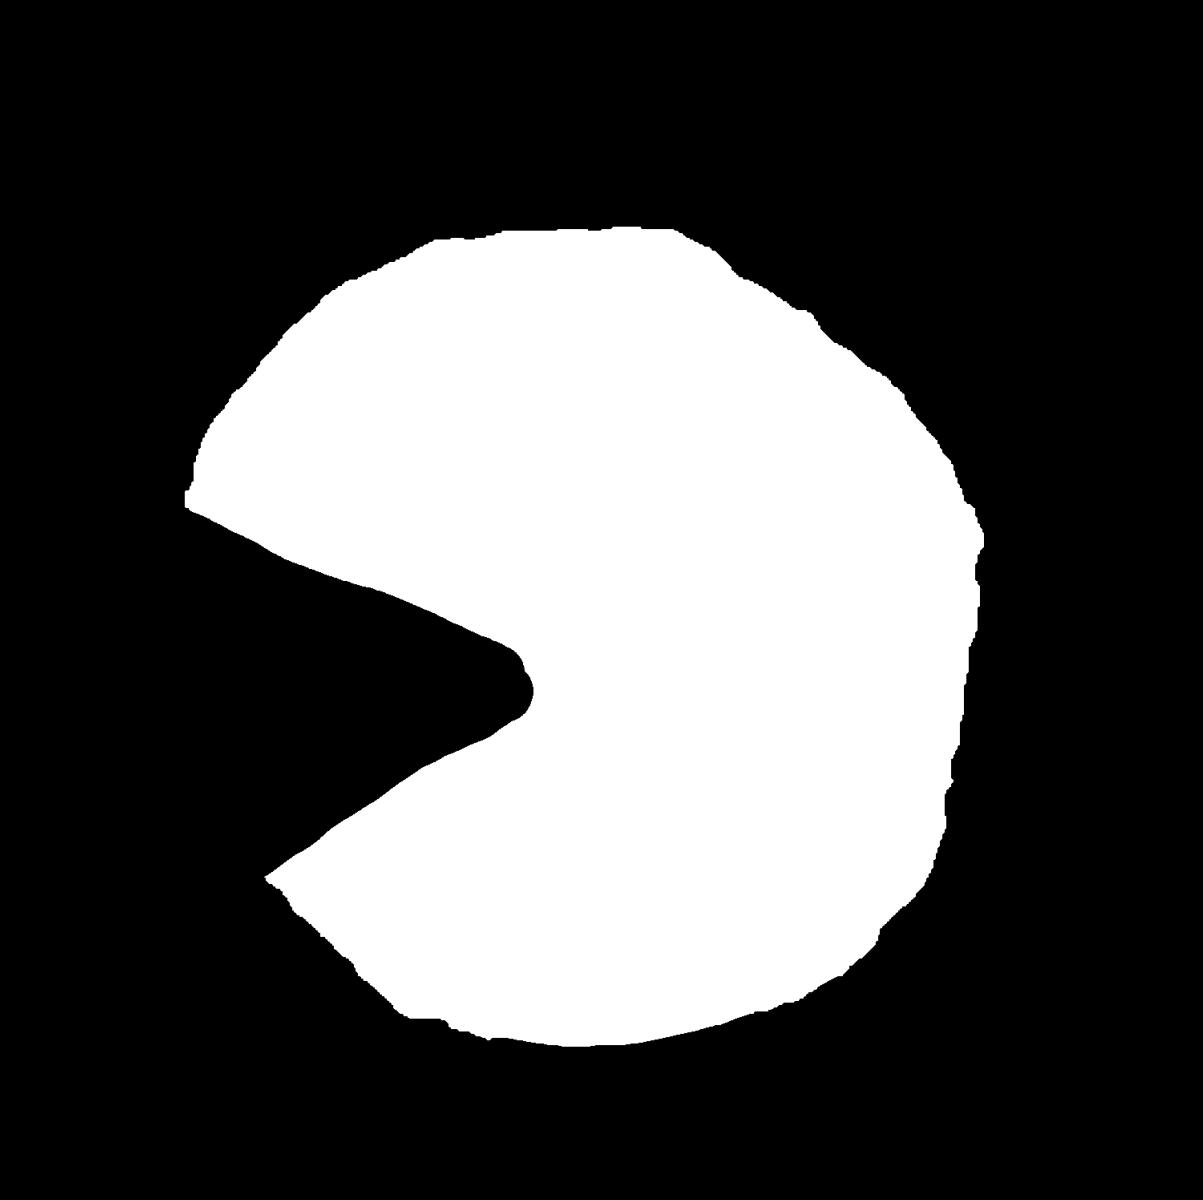 ゲーム風の丸型キャラのイラスト /  Illustration